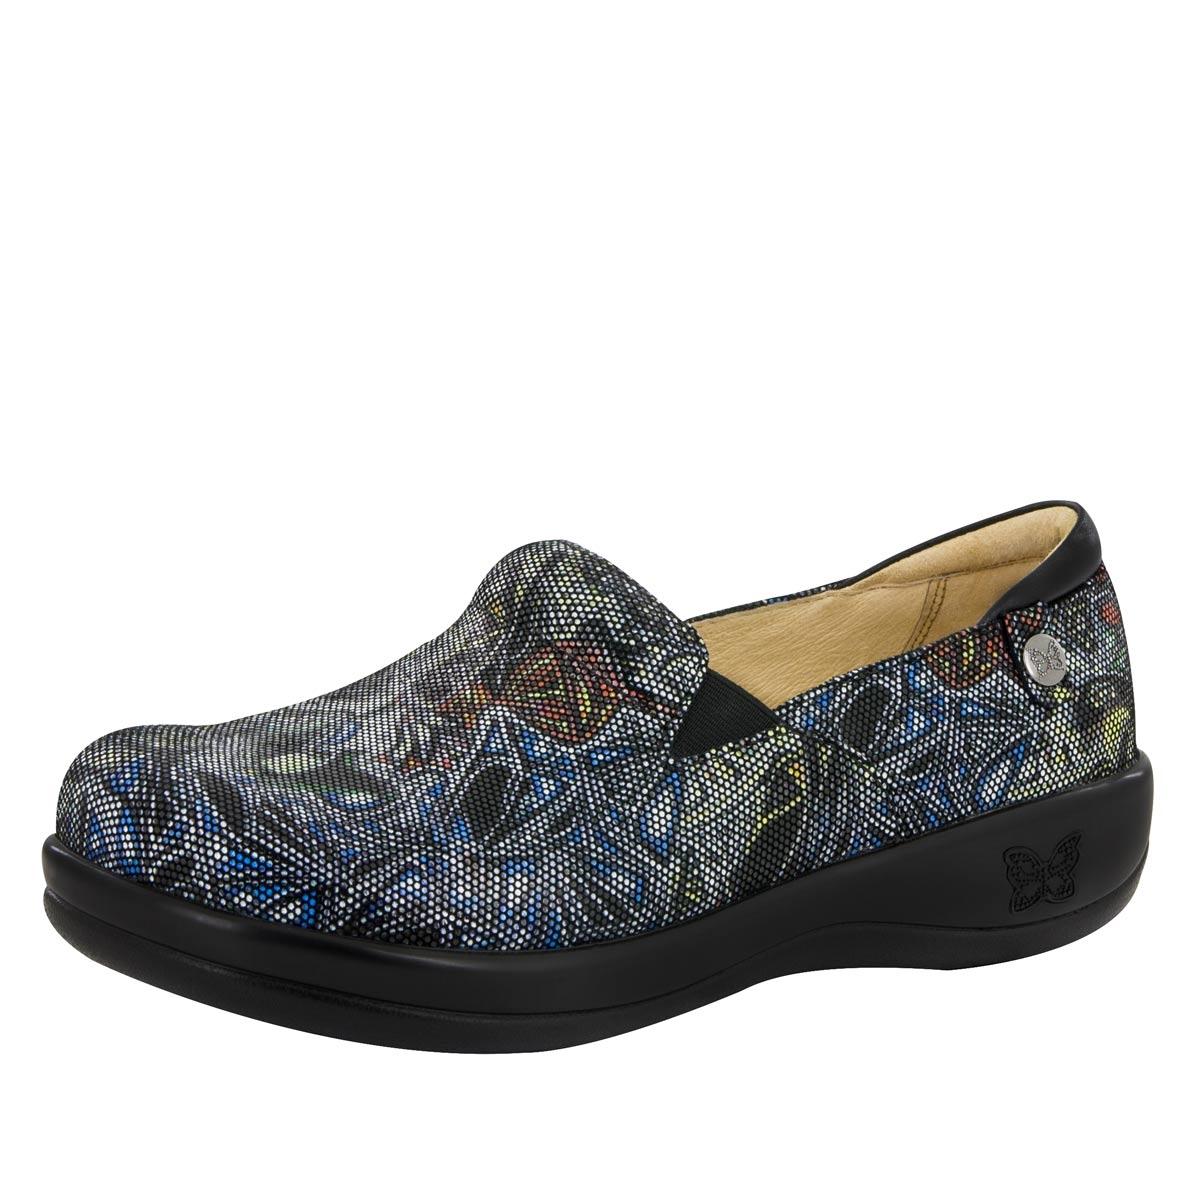 Best Nursing Shoes Alegria